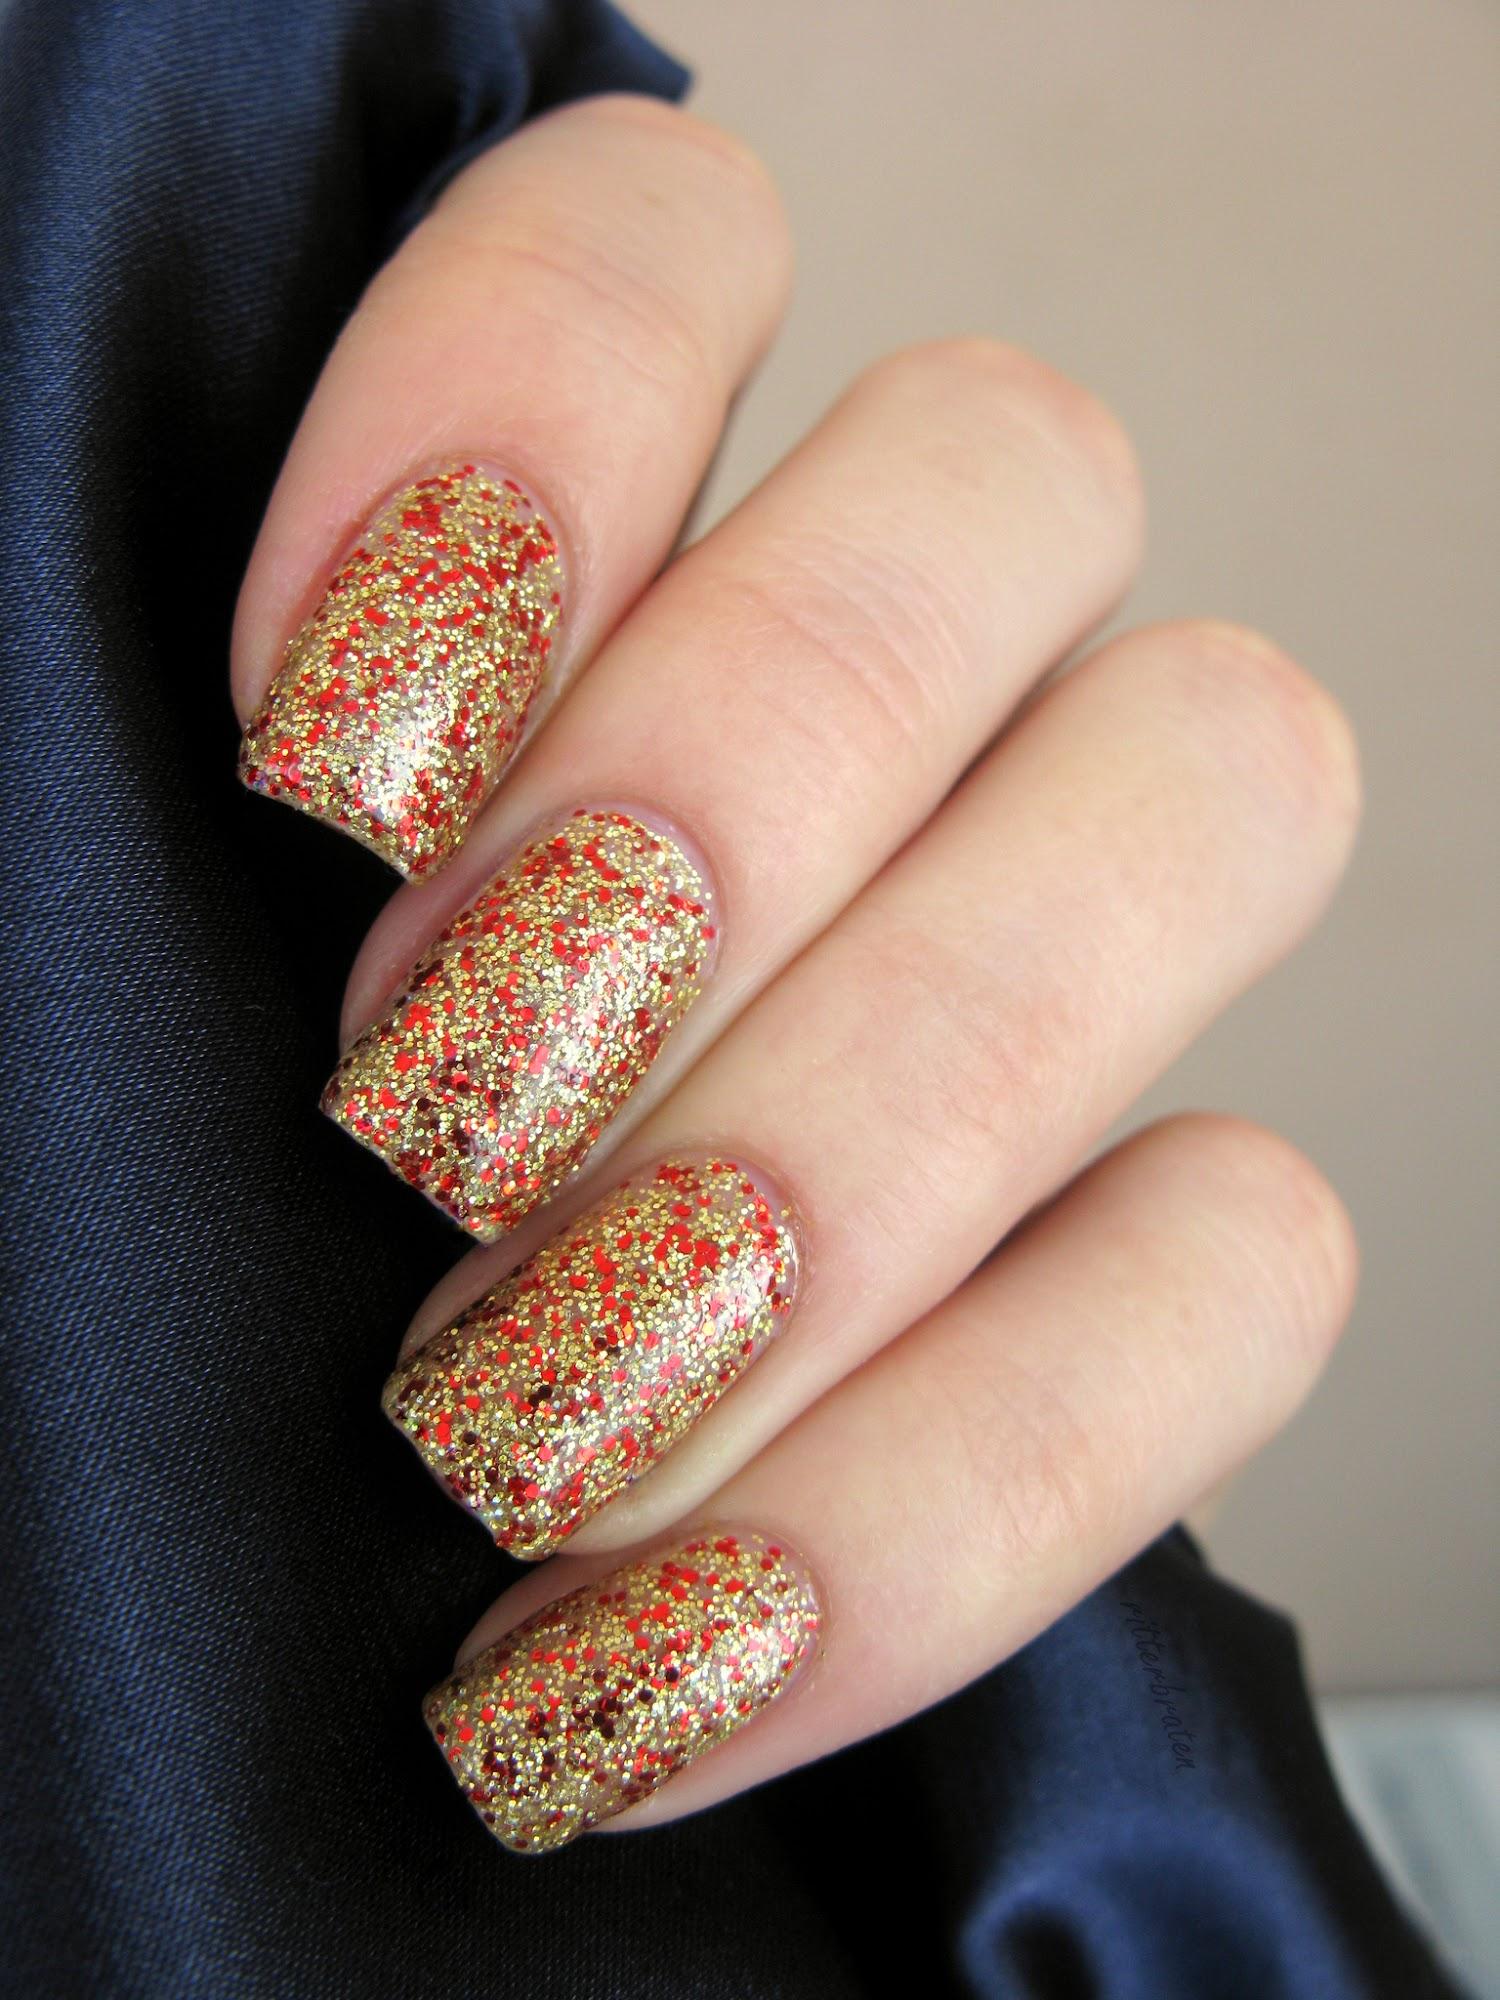 [b] Basic nail polish